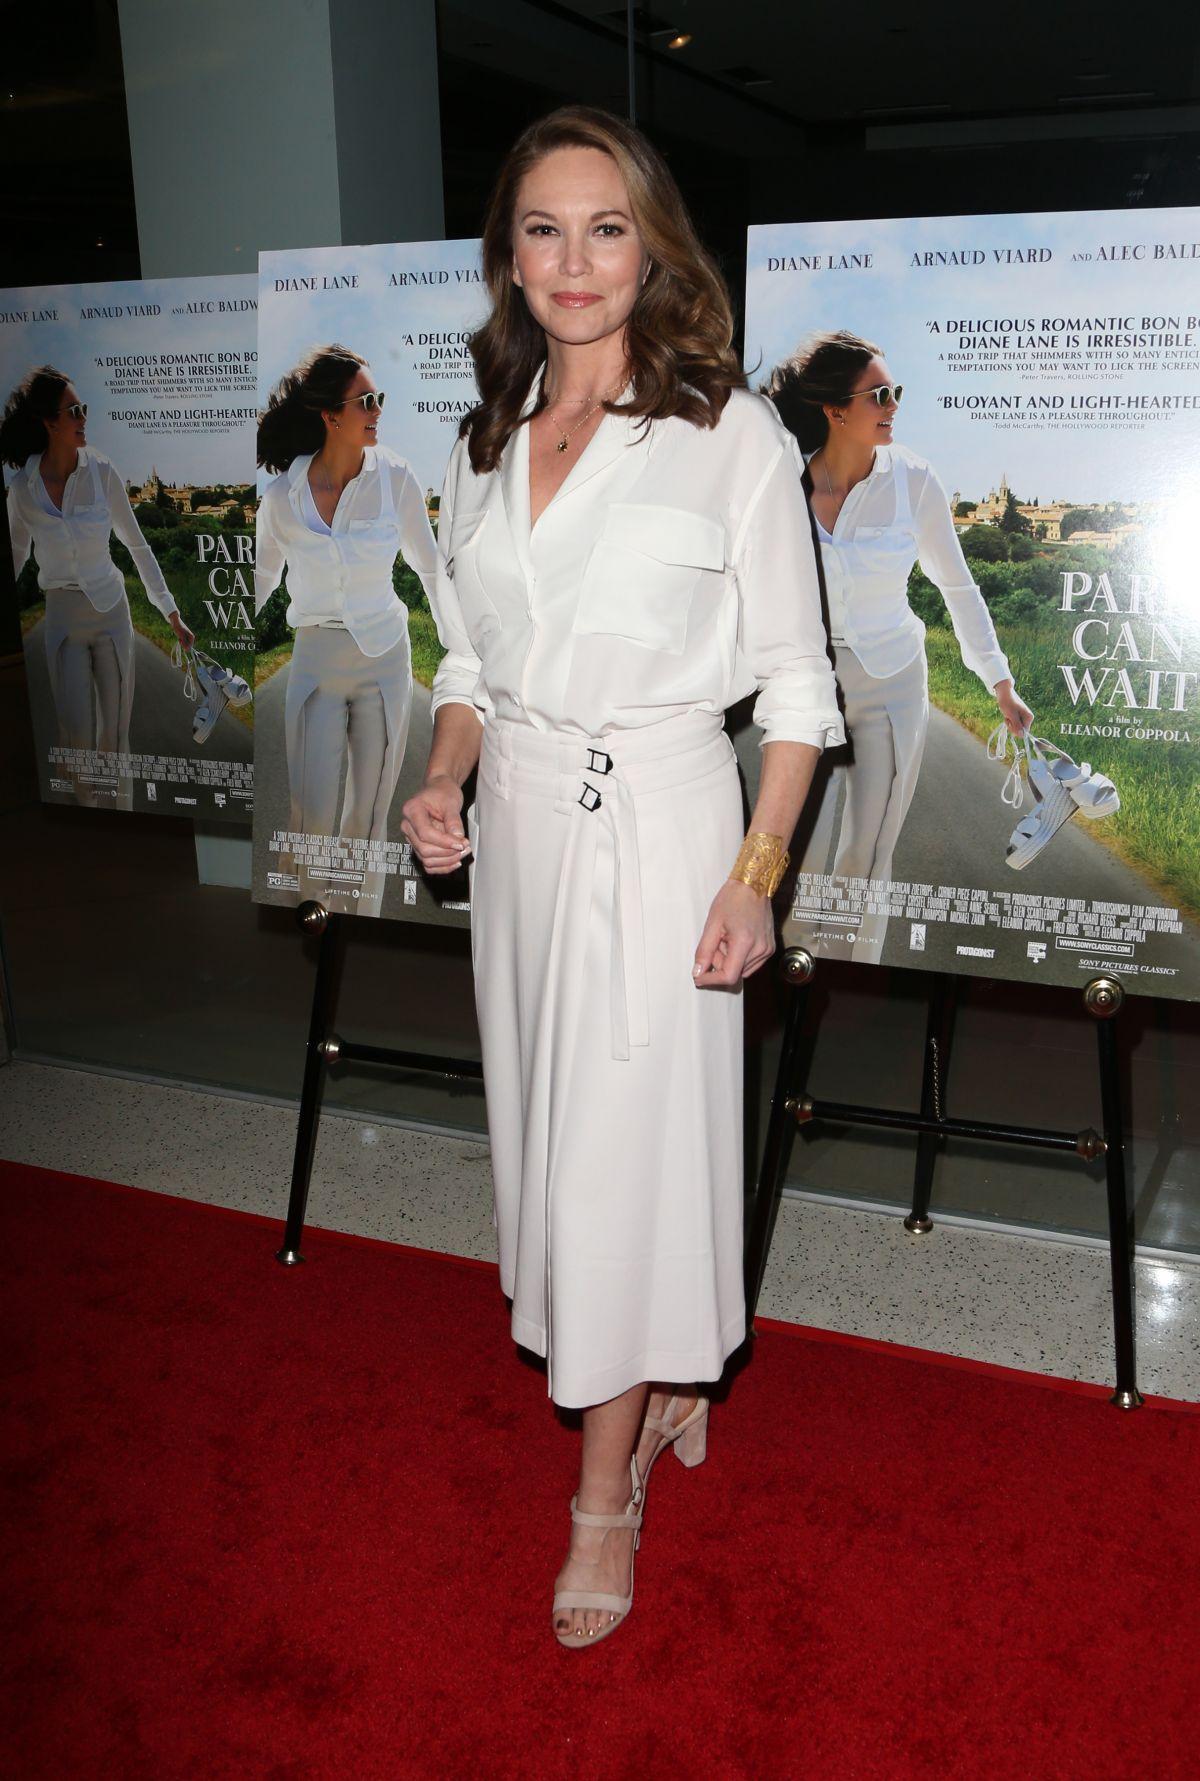 DIANE LANE at Paris Can Wait Premiere in Los Angeles 05/11 ...